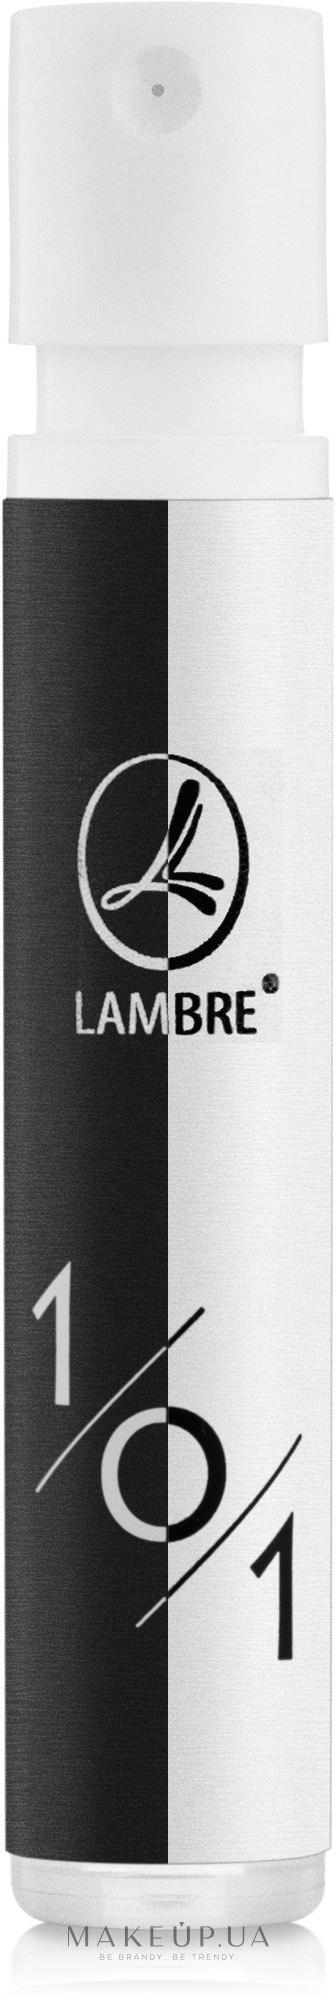 Lambre 101 - Парфюмированная вода (пробник) — фото 1.2ml